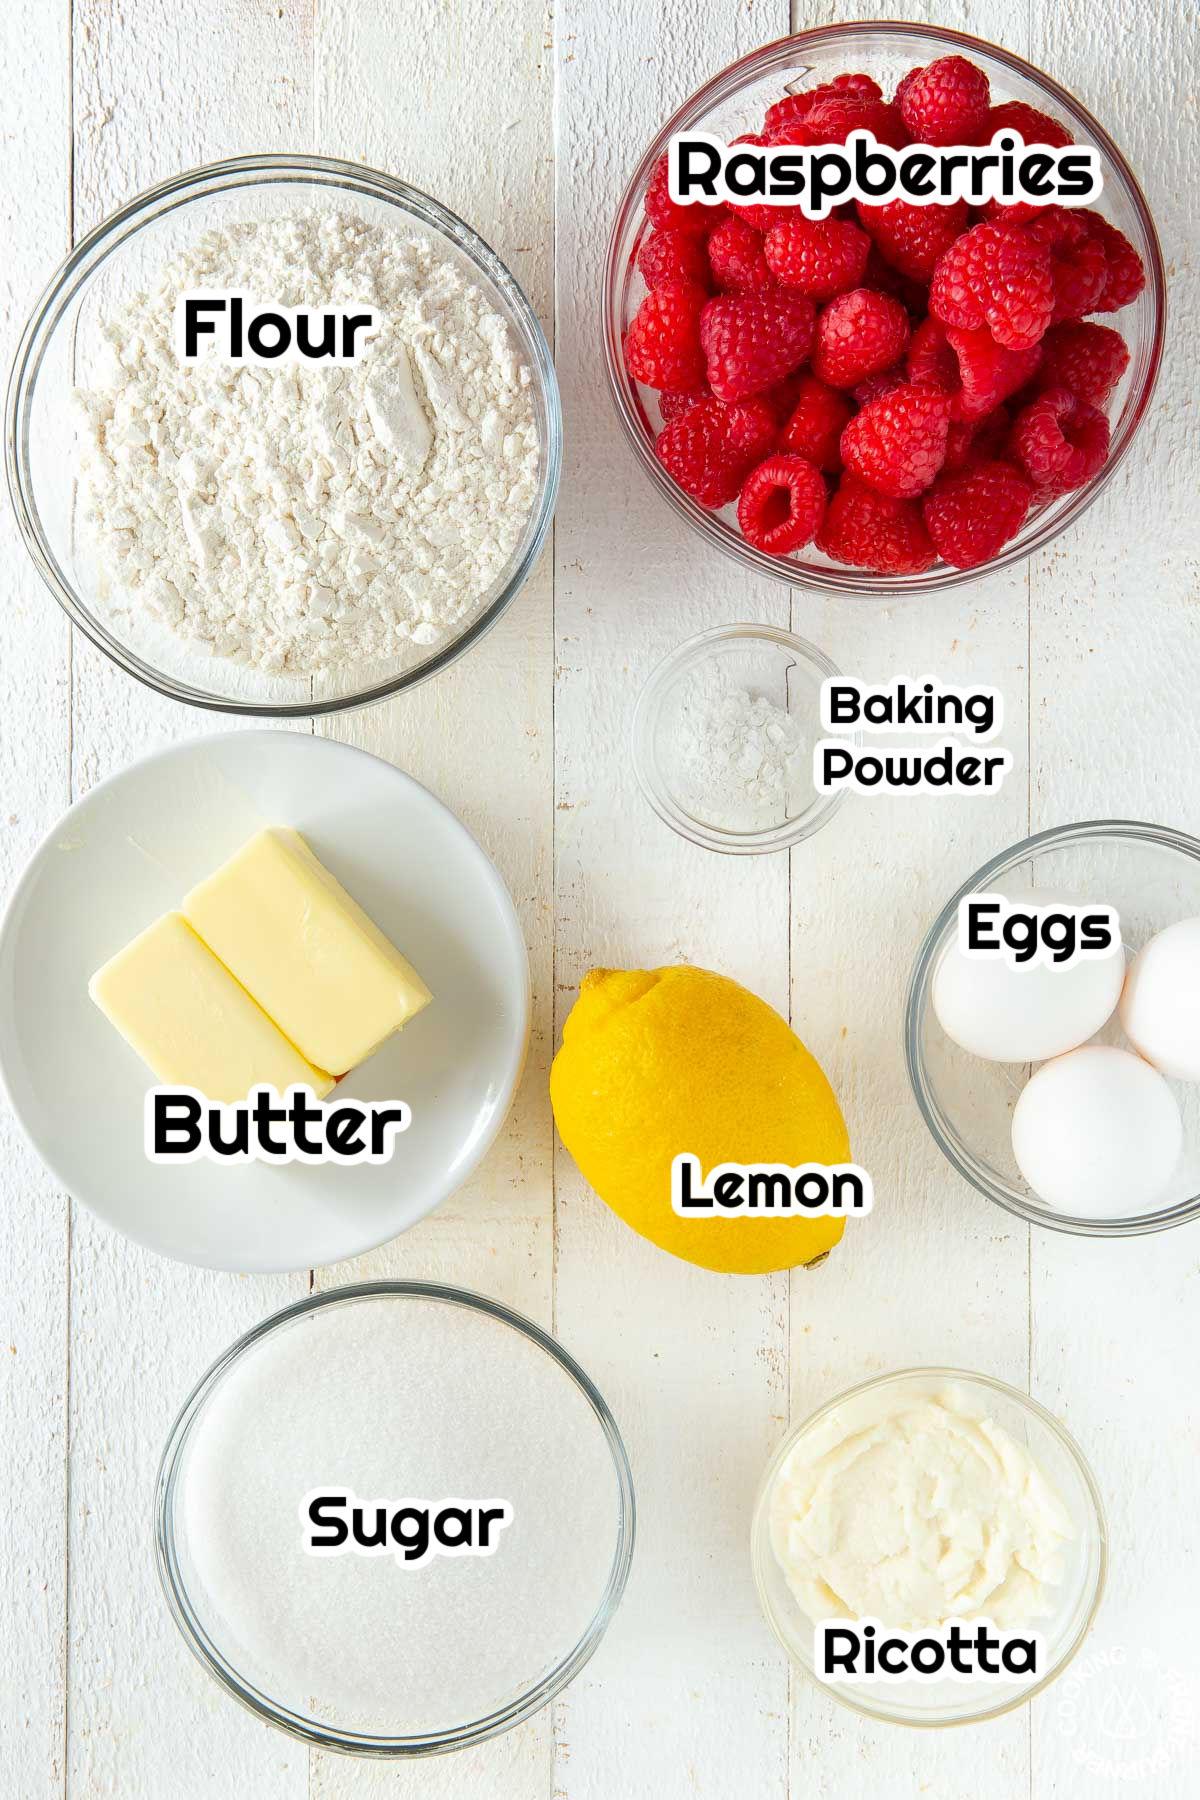 flour, sugar, butter, lemon, baking powder, raspberries, eggs in a bowl